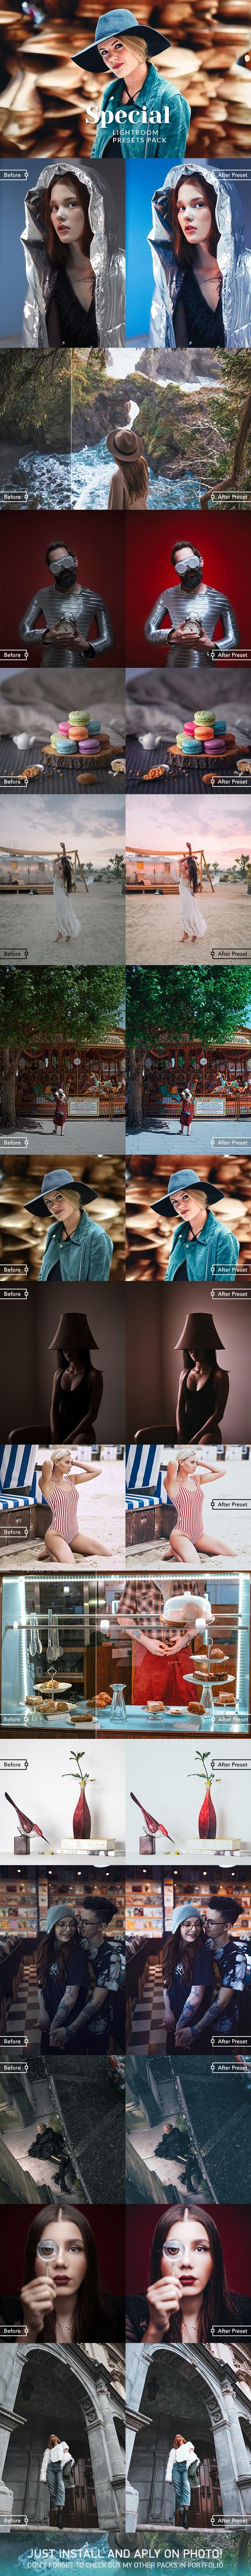 16 Special Lightroom Presets - Film Lightroom Presets